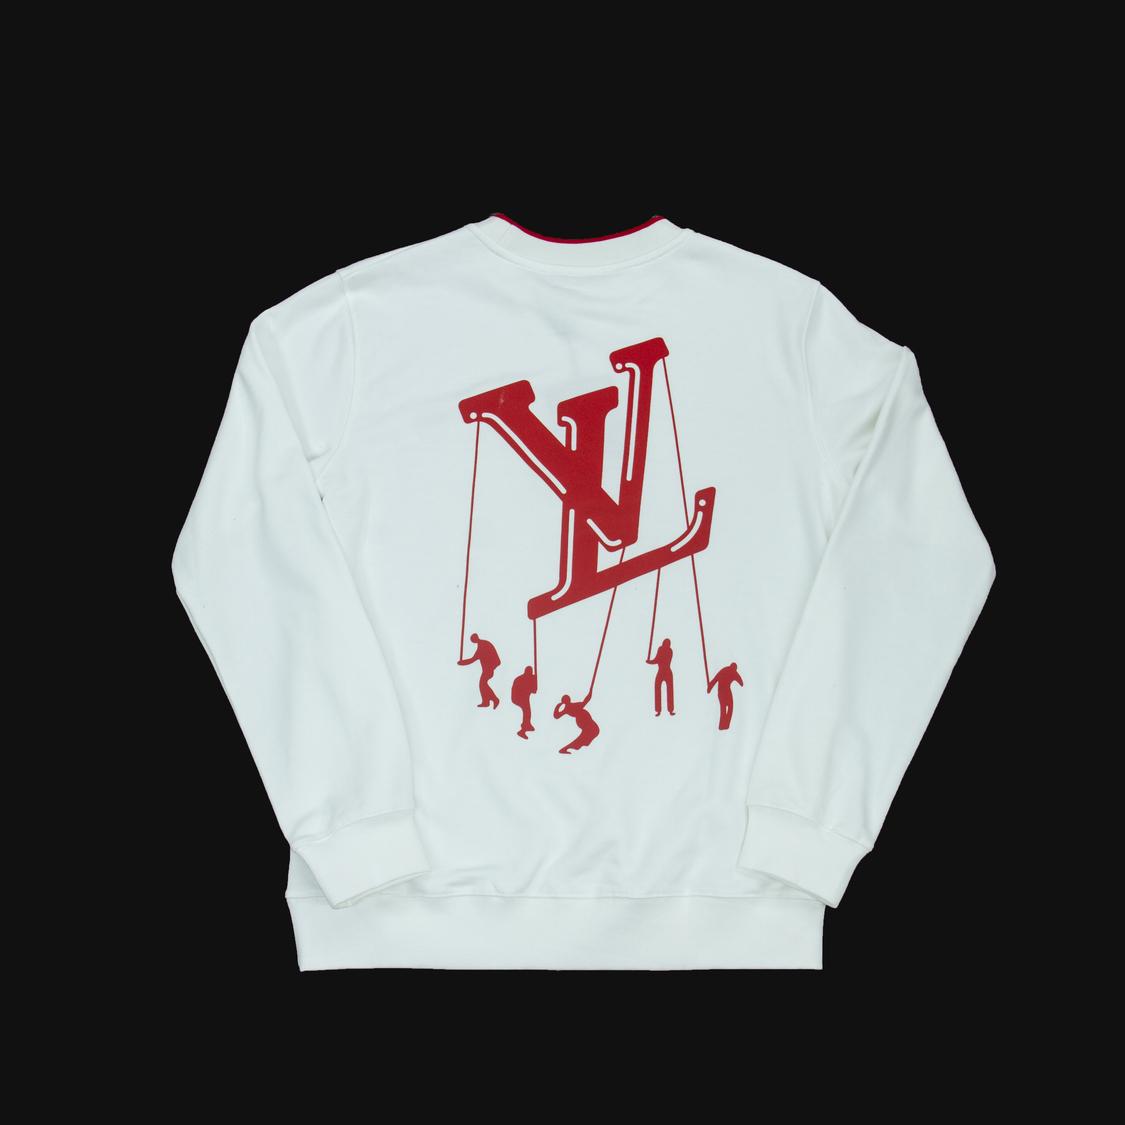 Áo nỉ Louis Vuitton chữ viền cổ đỏ - trắng